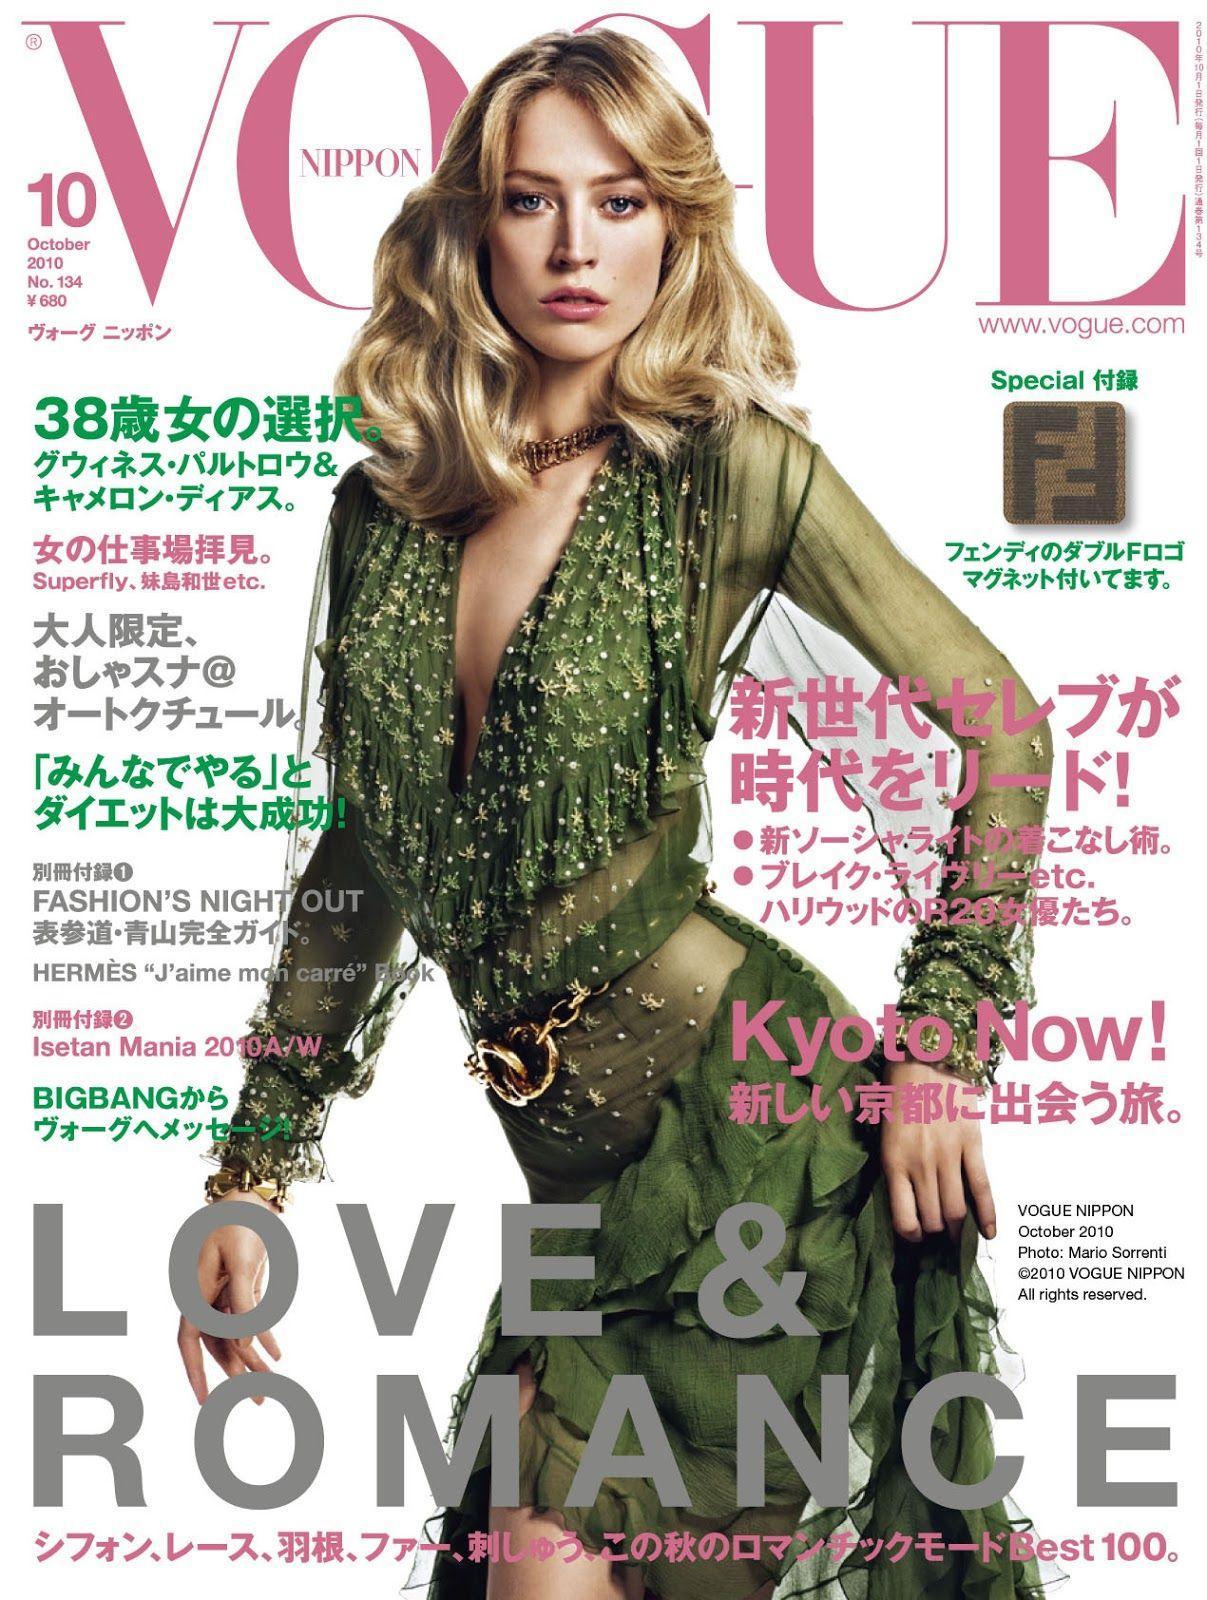 Fashion Magazines: October 2010